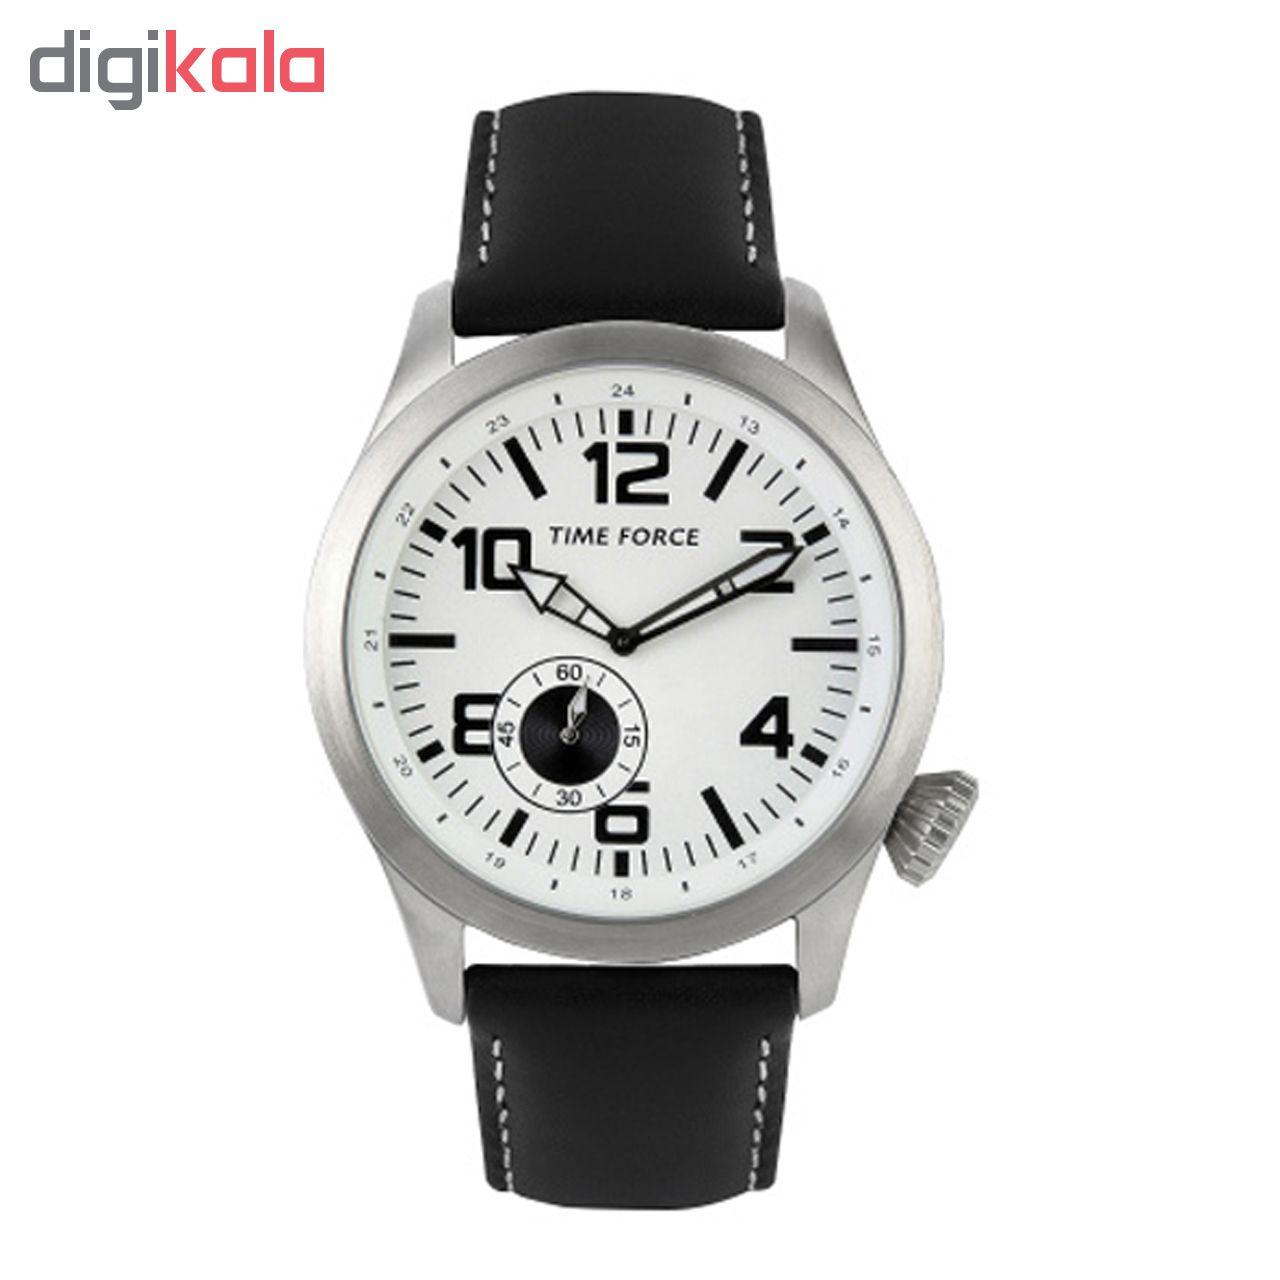 خرید ساعت مچی مردانه تایم فورس مدل TF3367M02 | ساعت مچی